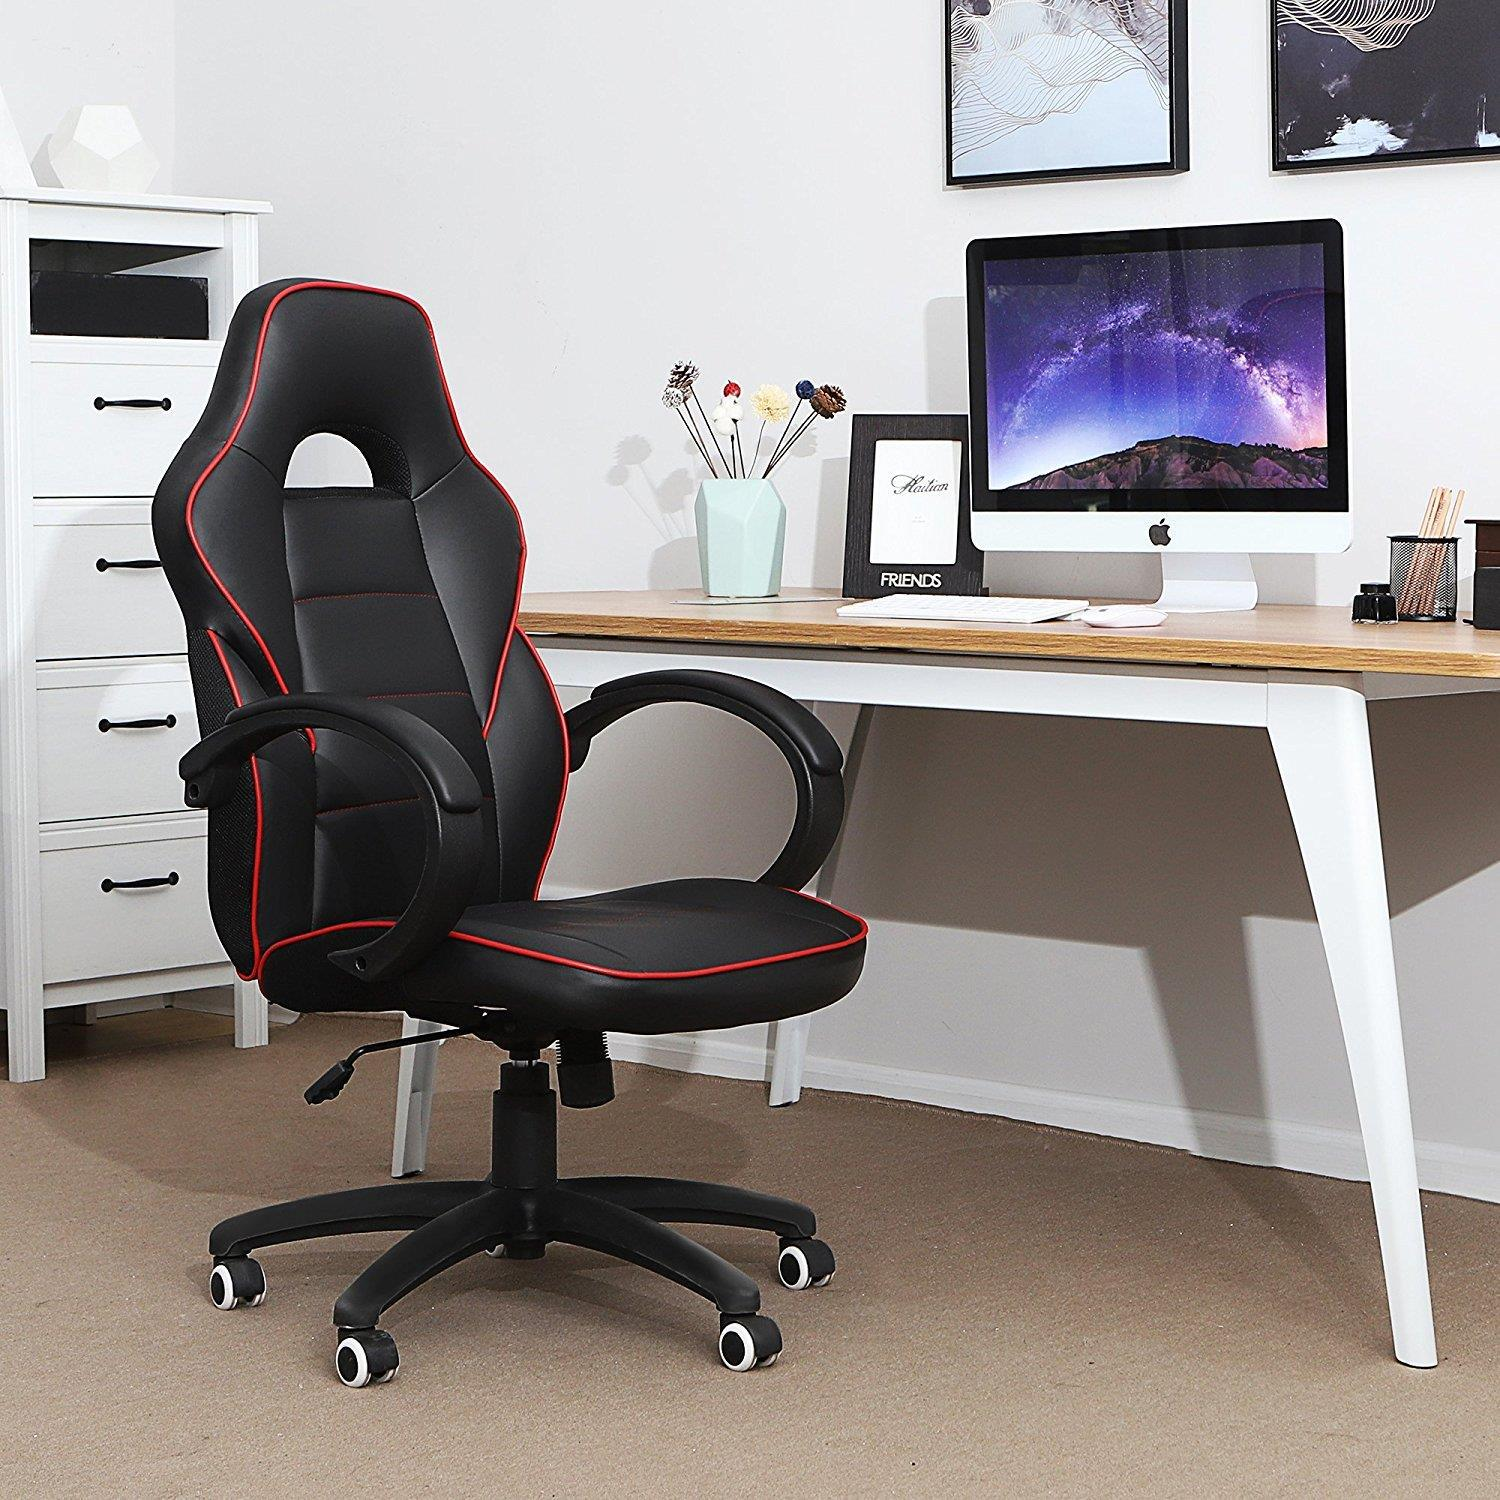 Sedia da ufficio GRETA, Design sportivo, in Pelle color ...